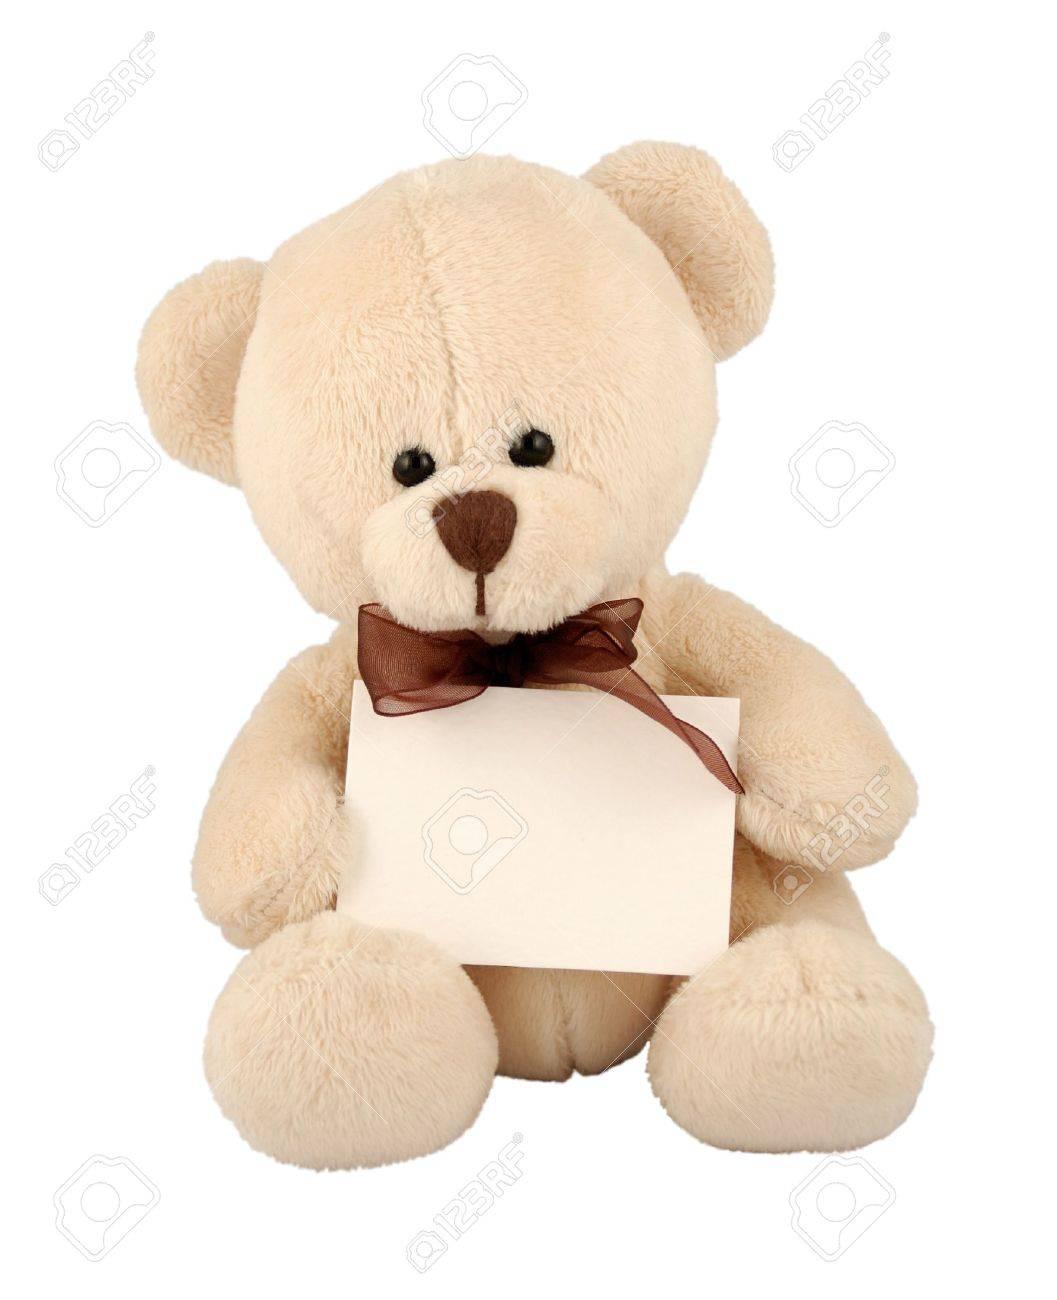 Cute teddy bear with sign. Stock Photo - 721410